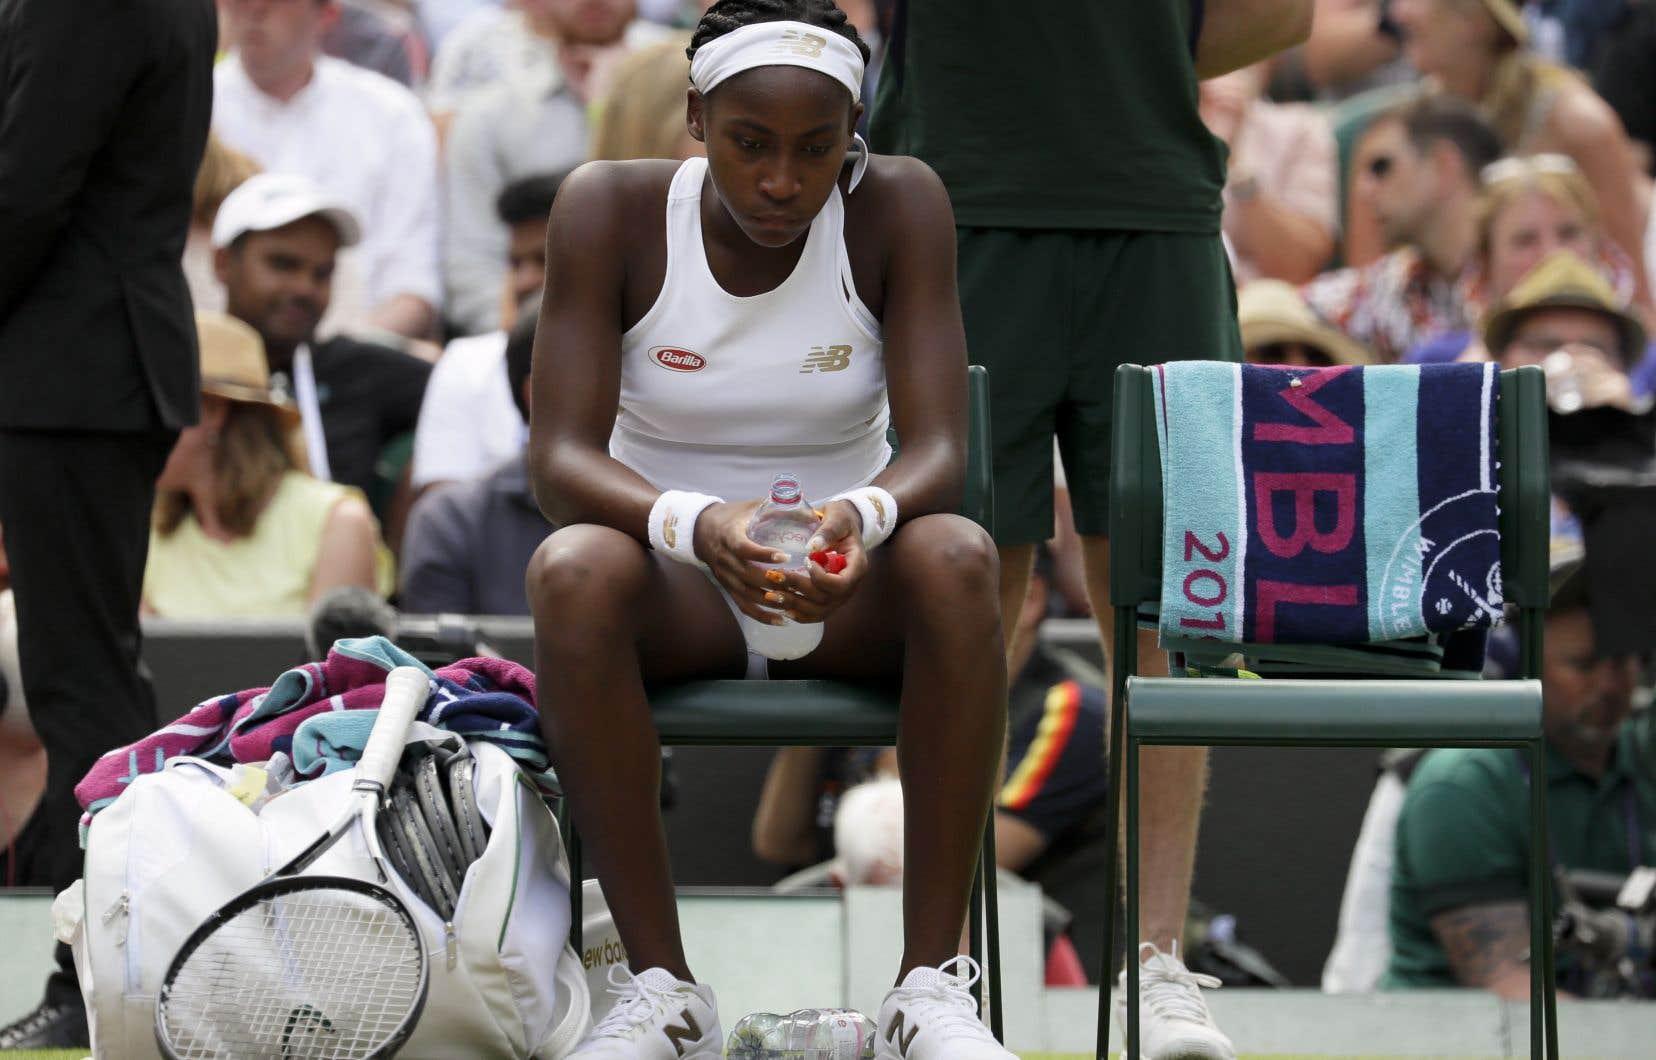 L'AméricaineCoco Gauff, qui est devenue à 15 ans la plus jeune joueuse à se qualifier pour le tableau principal à Wimbledon de l'ère professionnelle,avait éliminé la quintuple championne Venus Williams au premier tour.